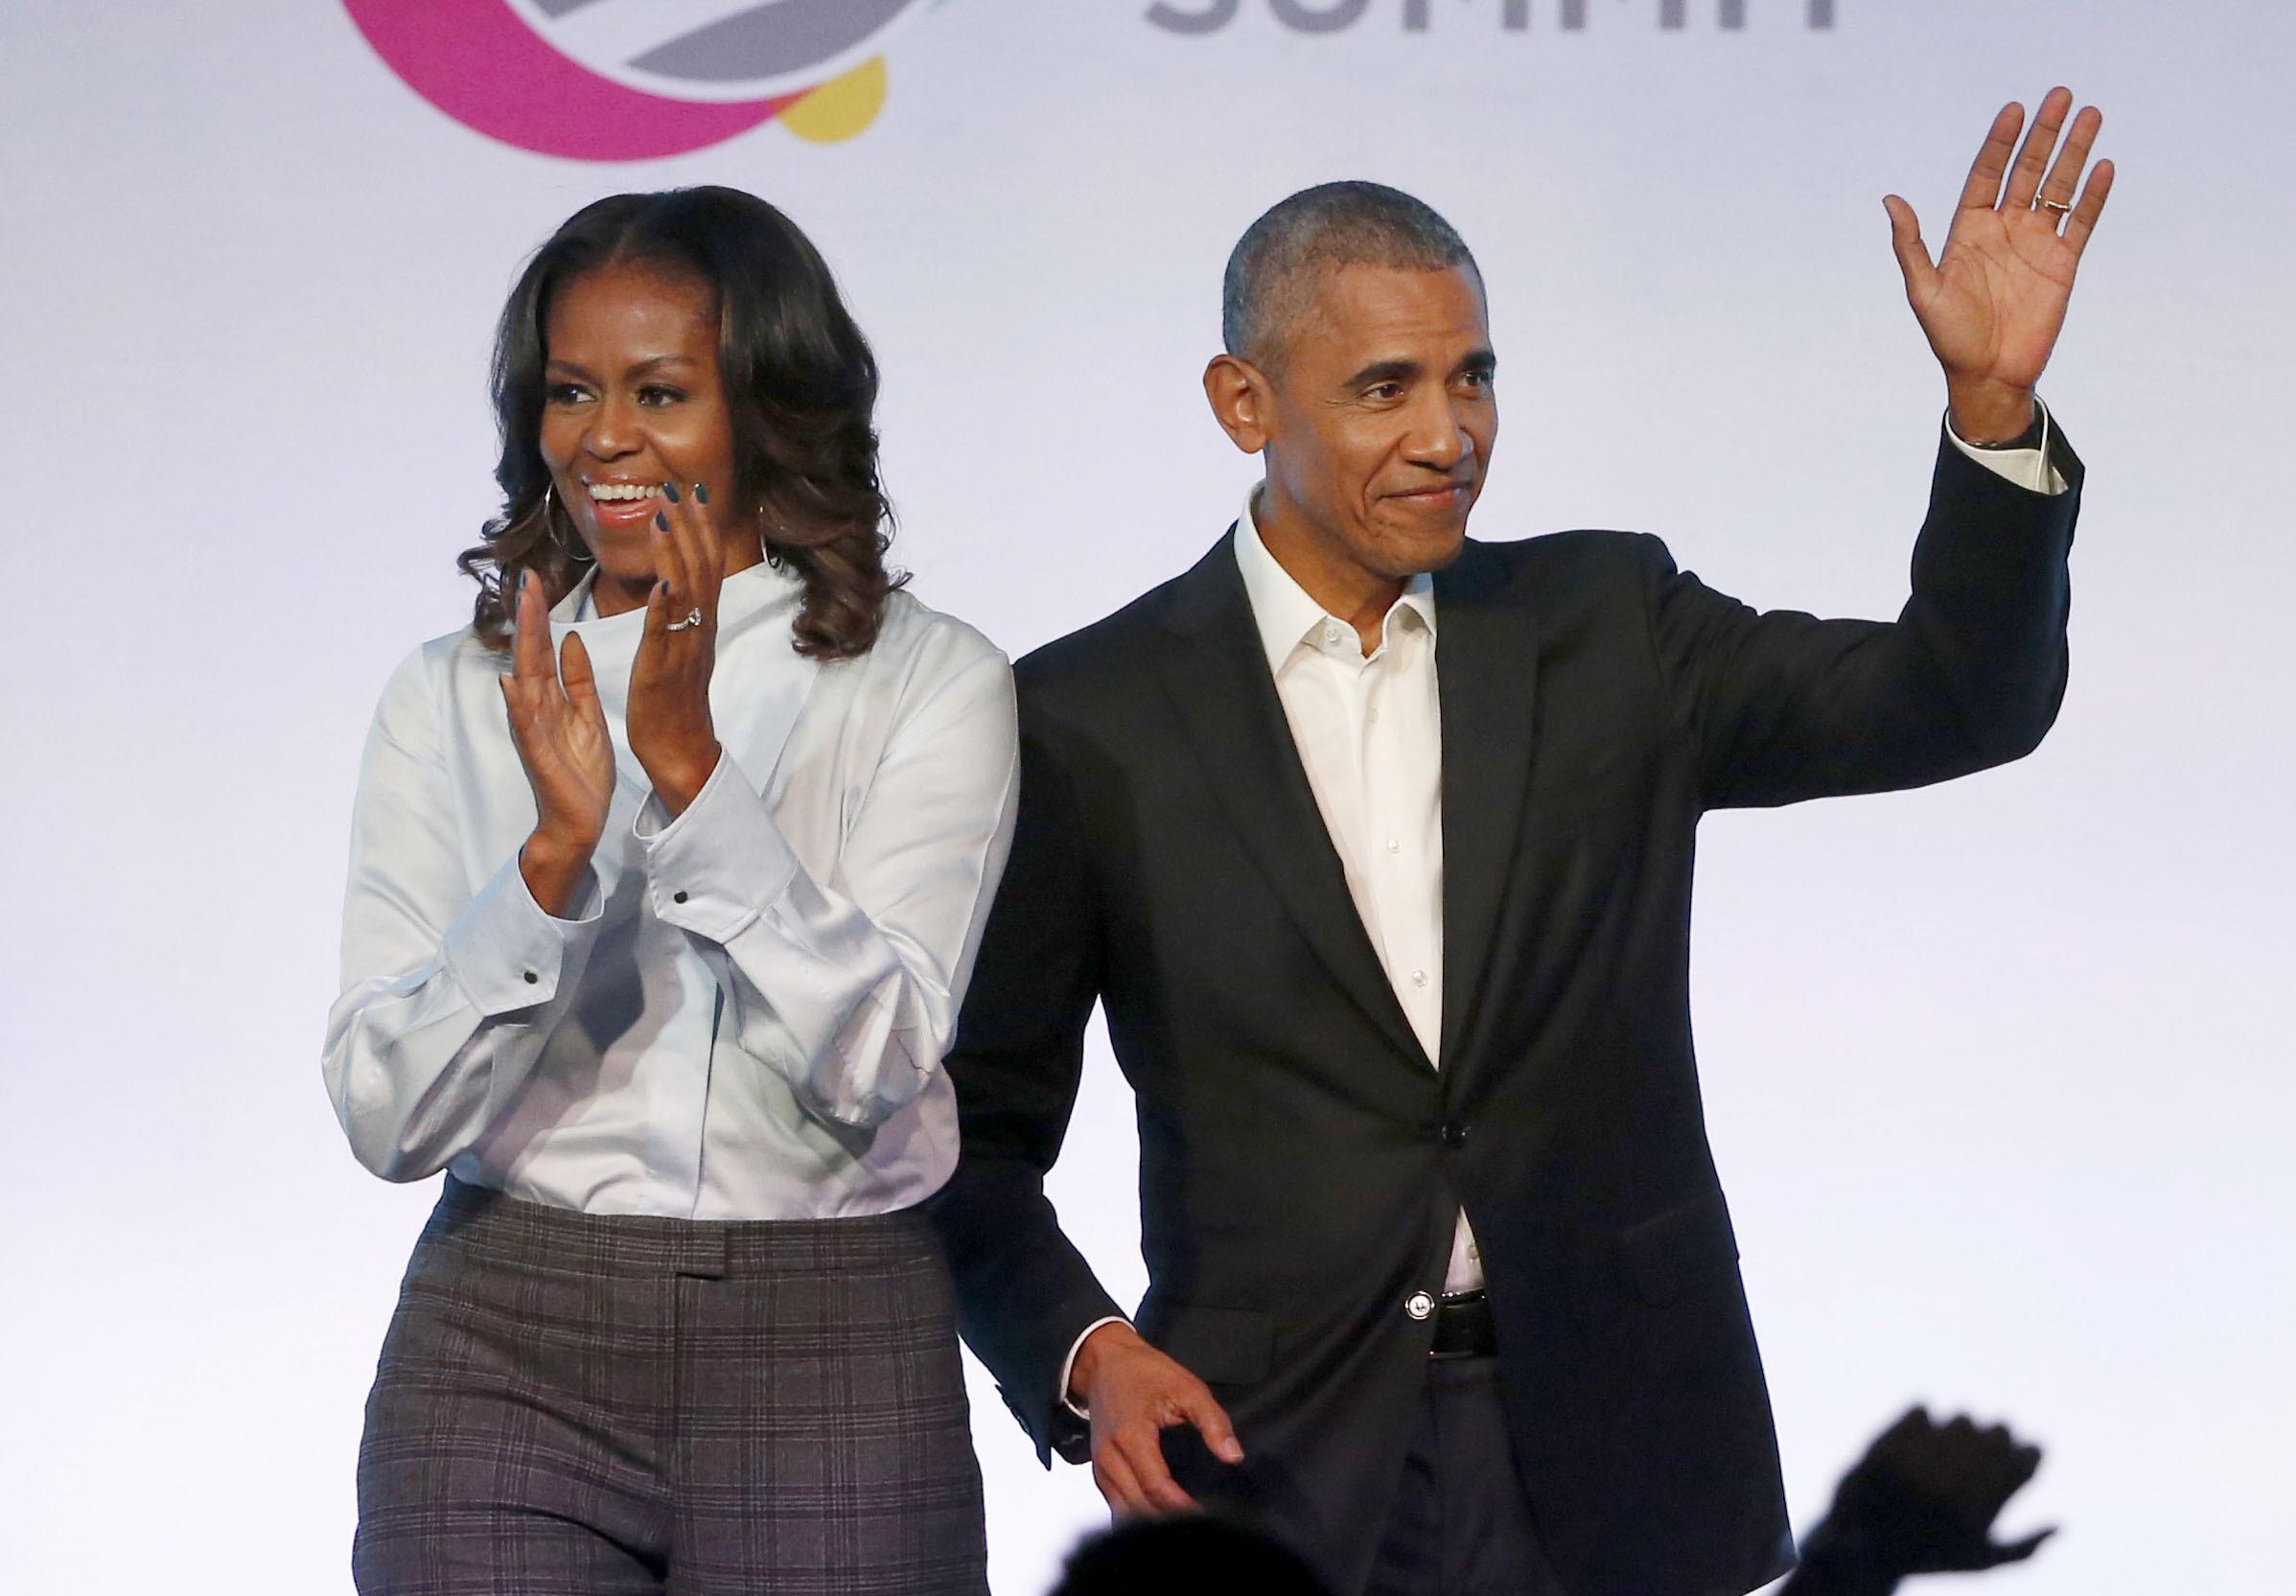 Bemutatkozott a Netflixen az Obama házaspár filmprodukciós cége